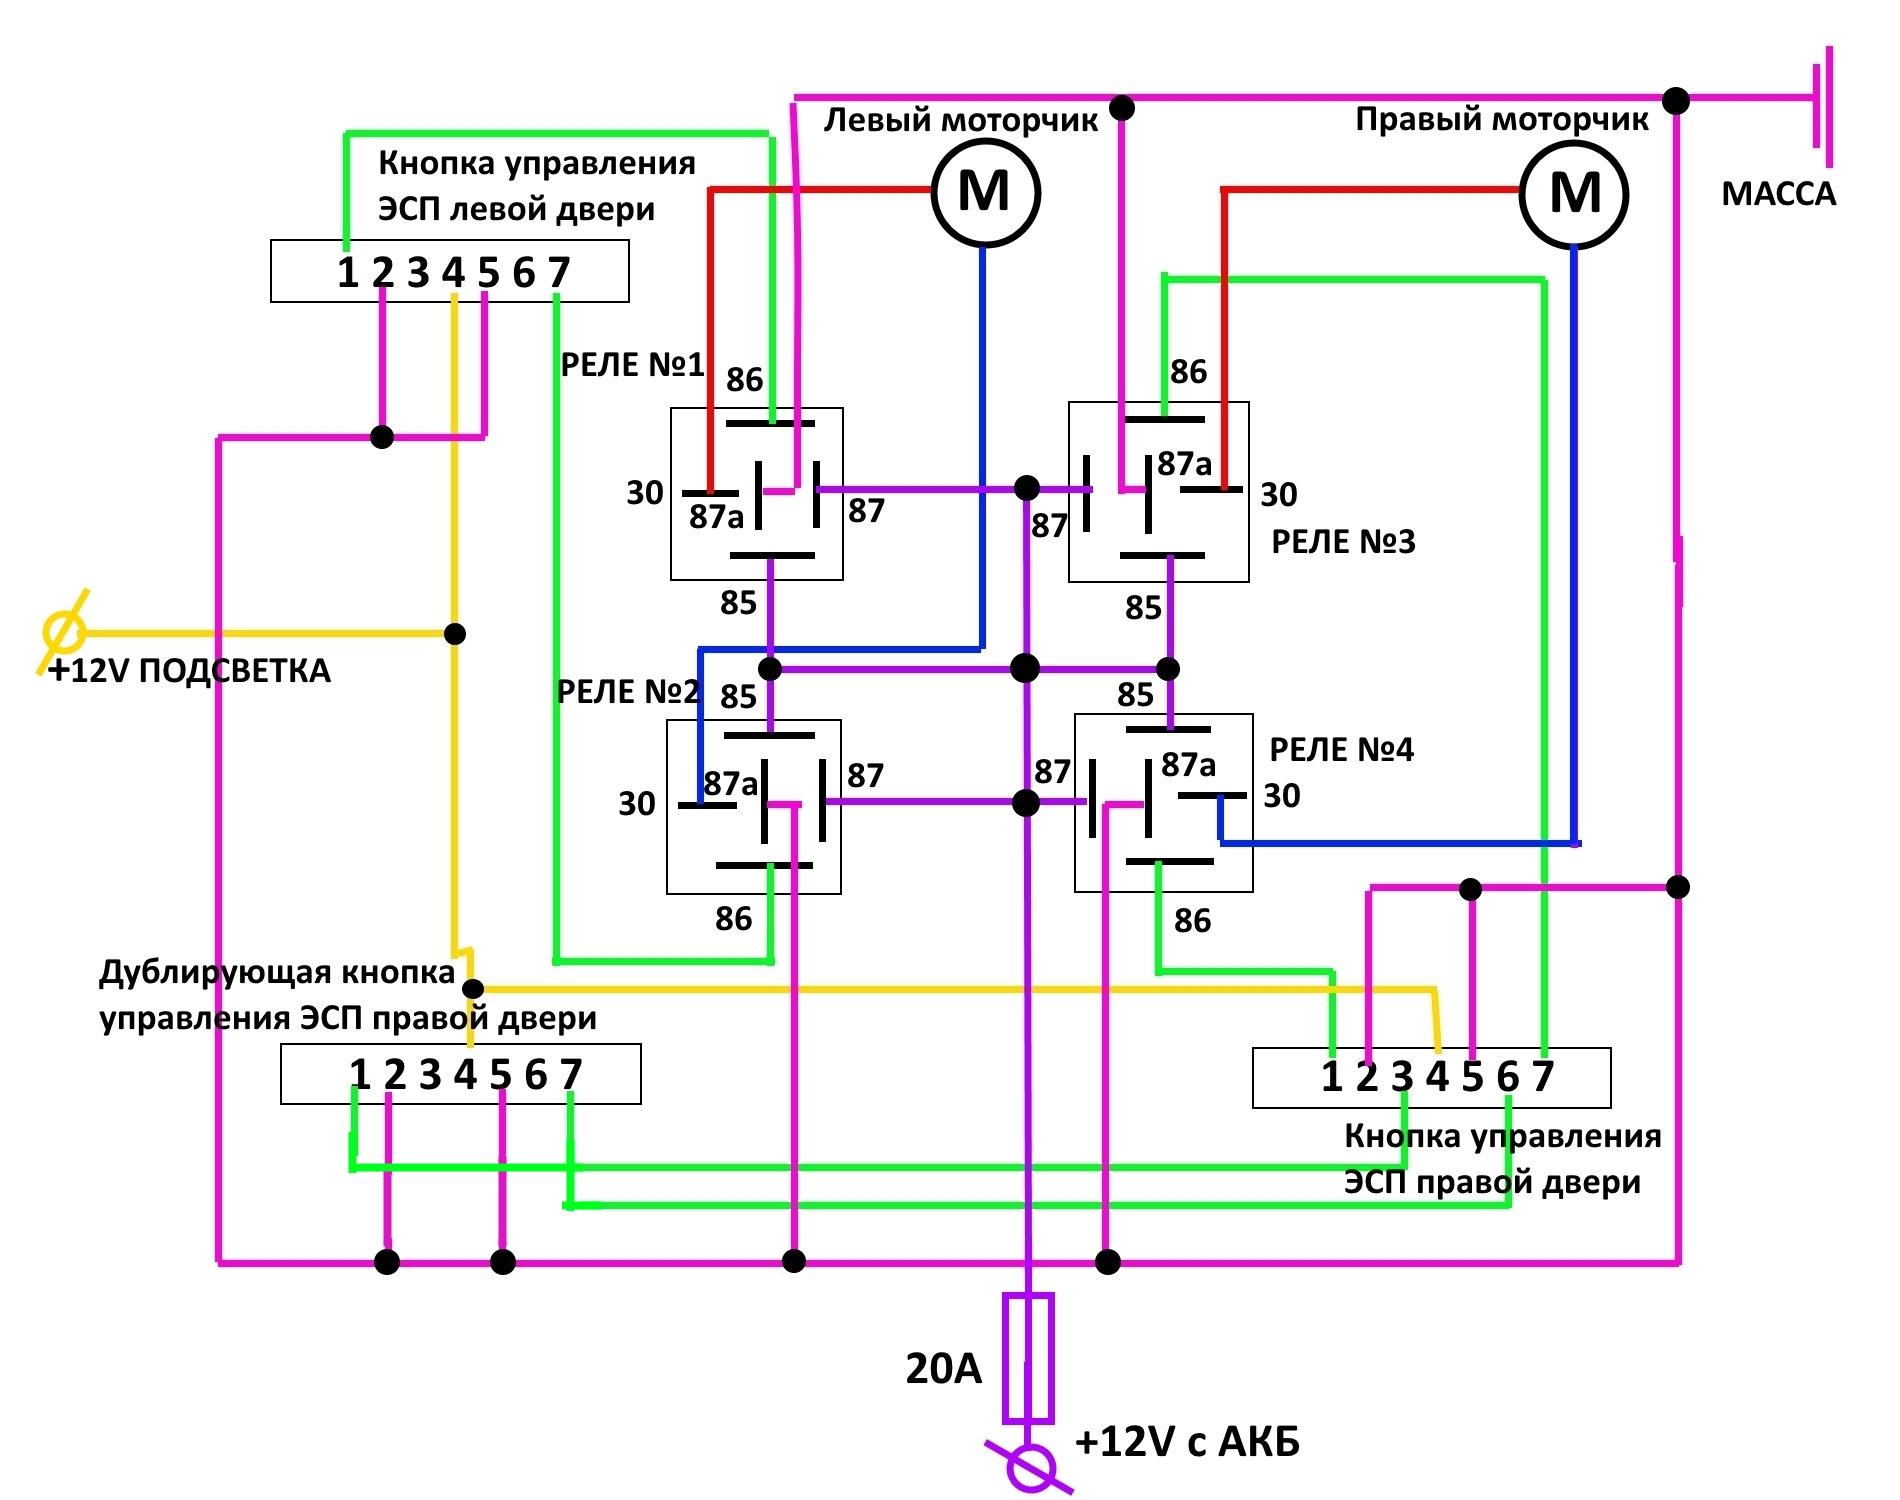 Схема управления освещением на реле